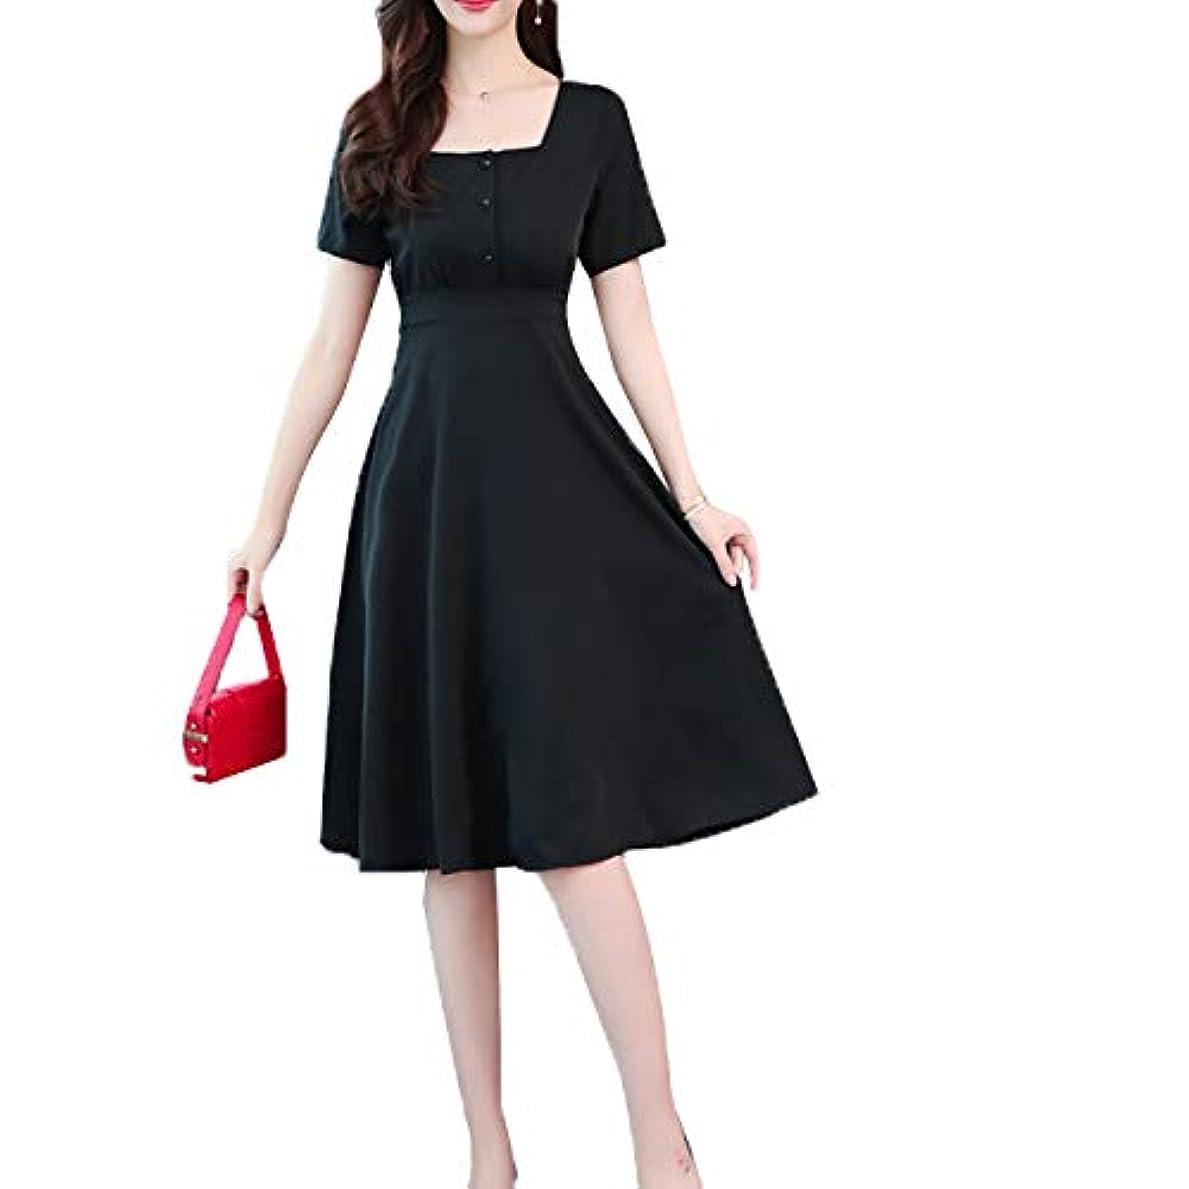 [ココチエ] ワンピース 黒 半袖 膝下丈 大きいサイズ おおきいサイズ おしゃれ ゆったり 冠婚葬祭 ブラックフォーマル